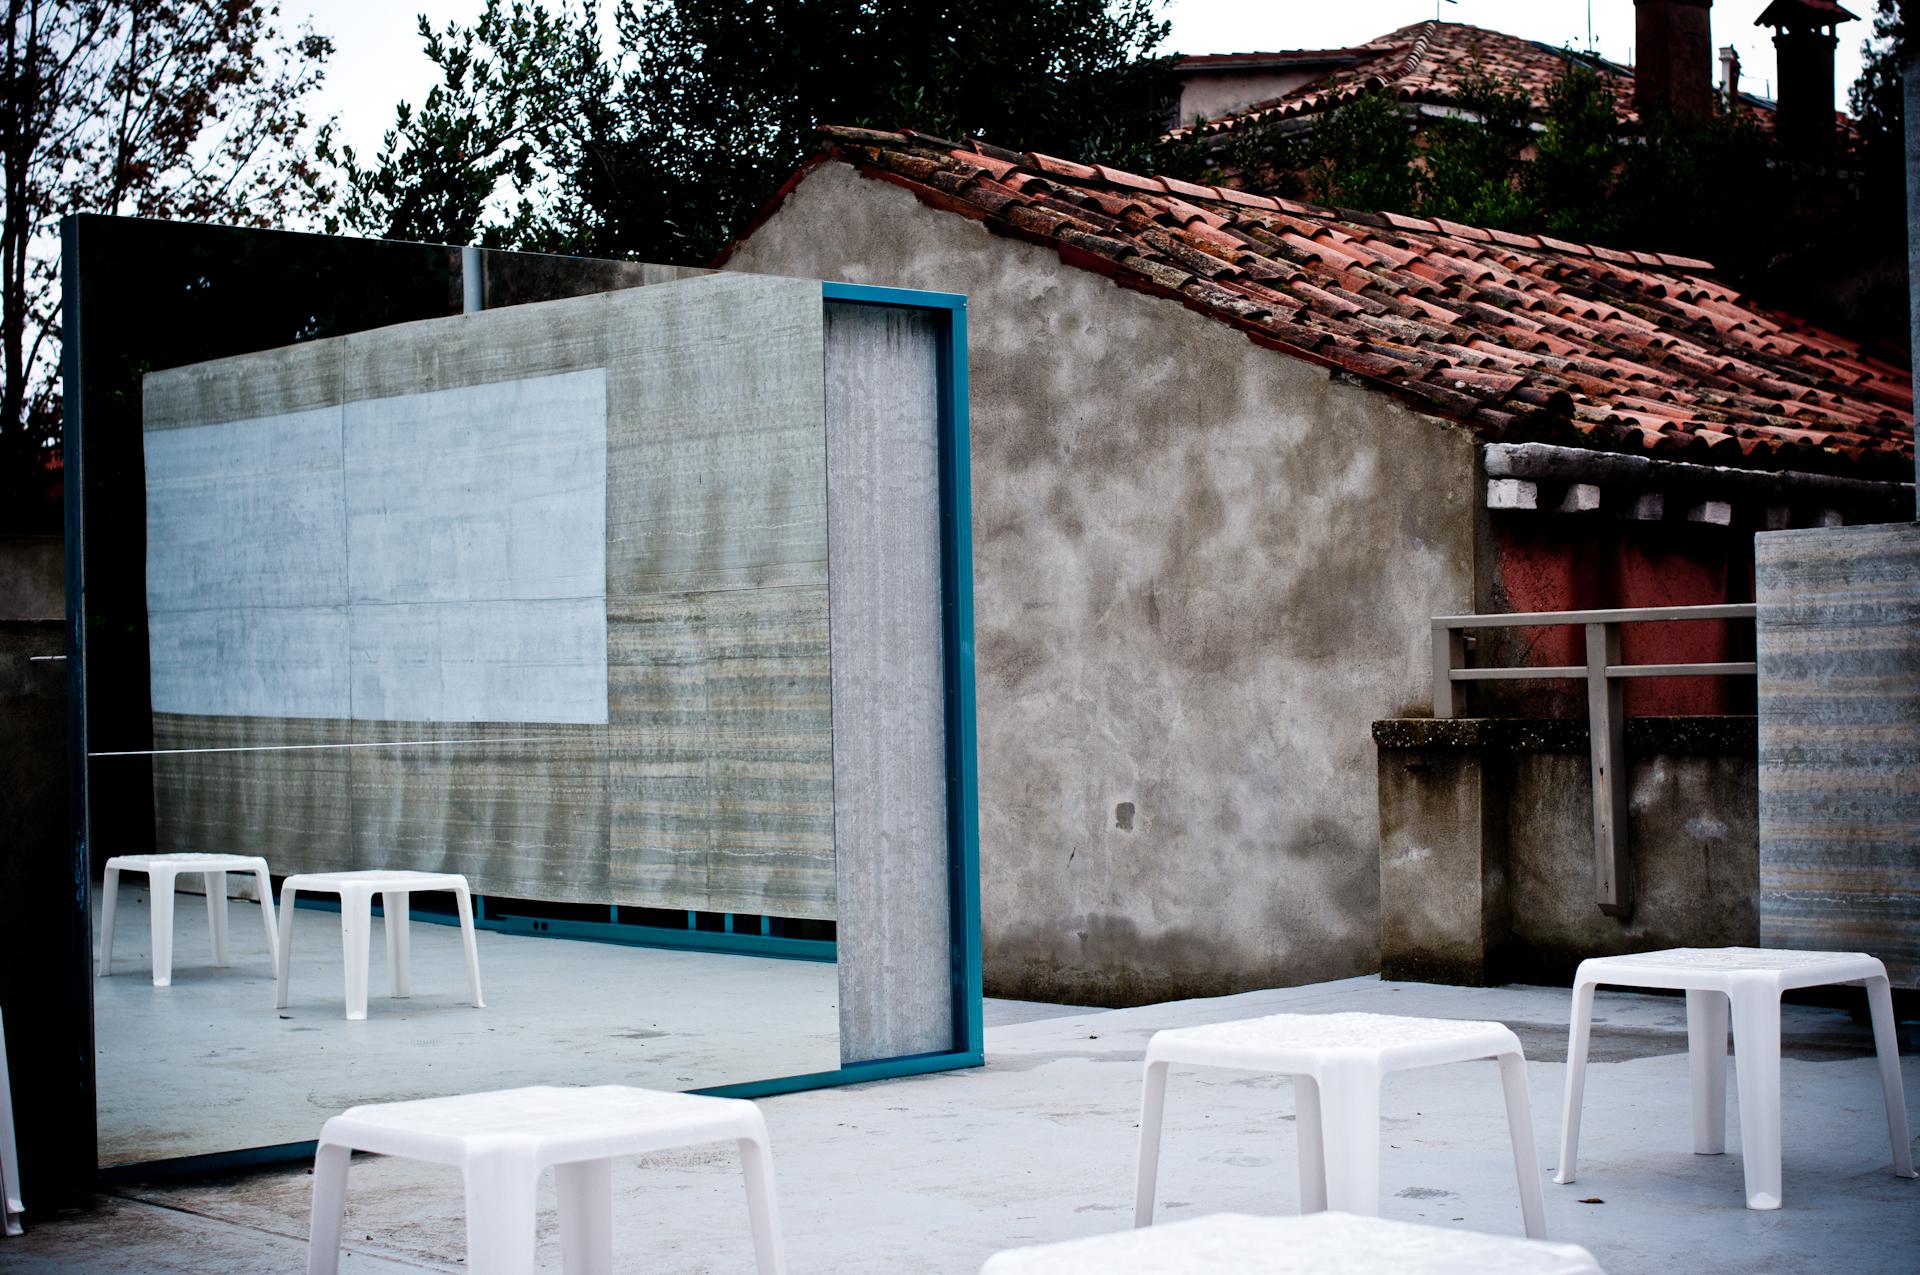 biennale14-53